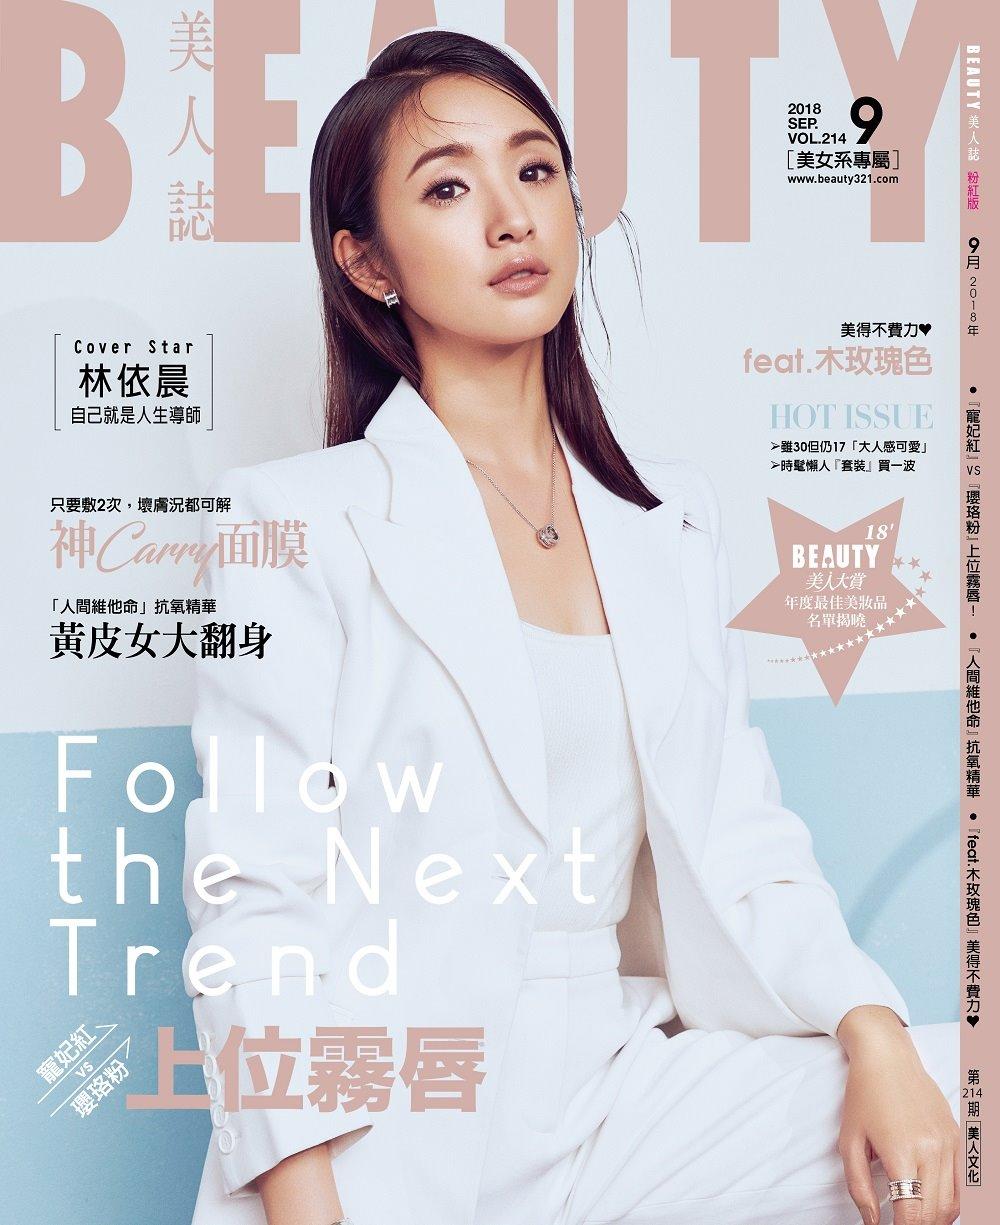 BEAUTY美人誌 9月號/2018 第214期